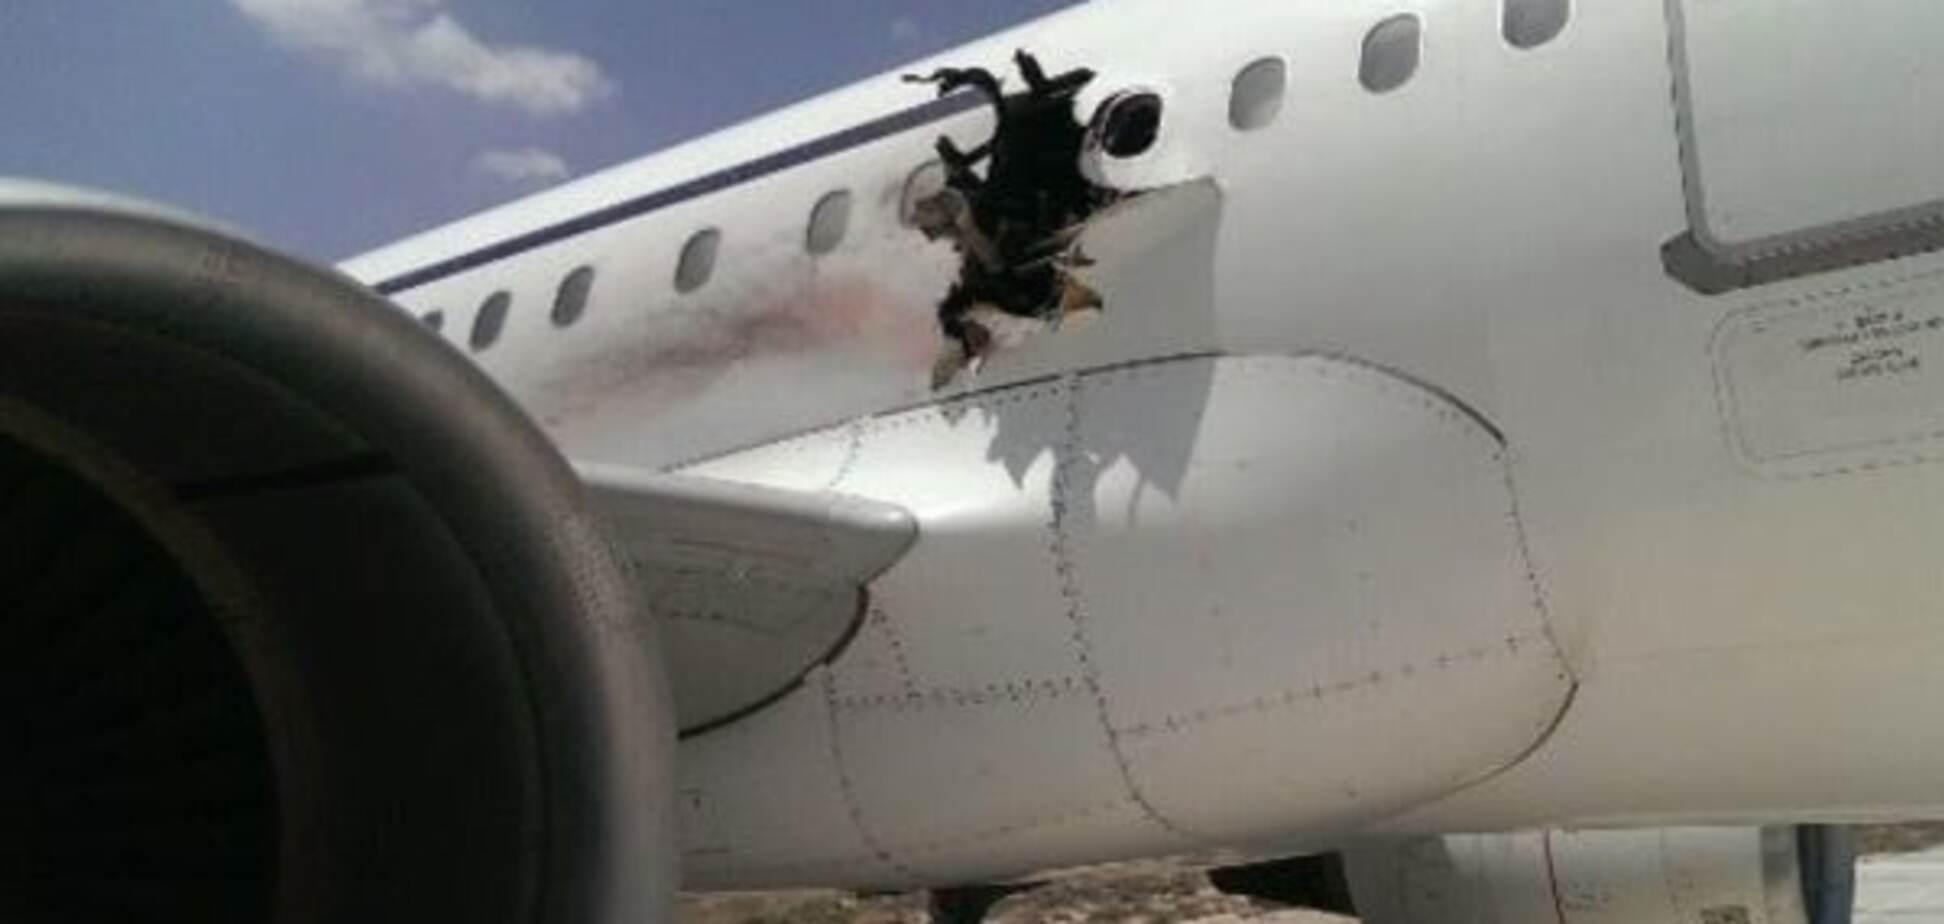 ЗМІ: в Сомалі через вибух екстрено сів літак. Опубліковані фото